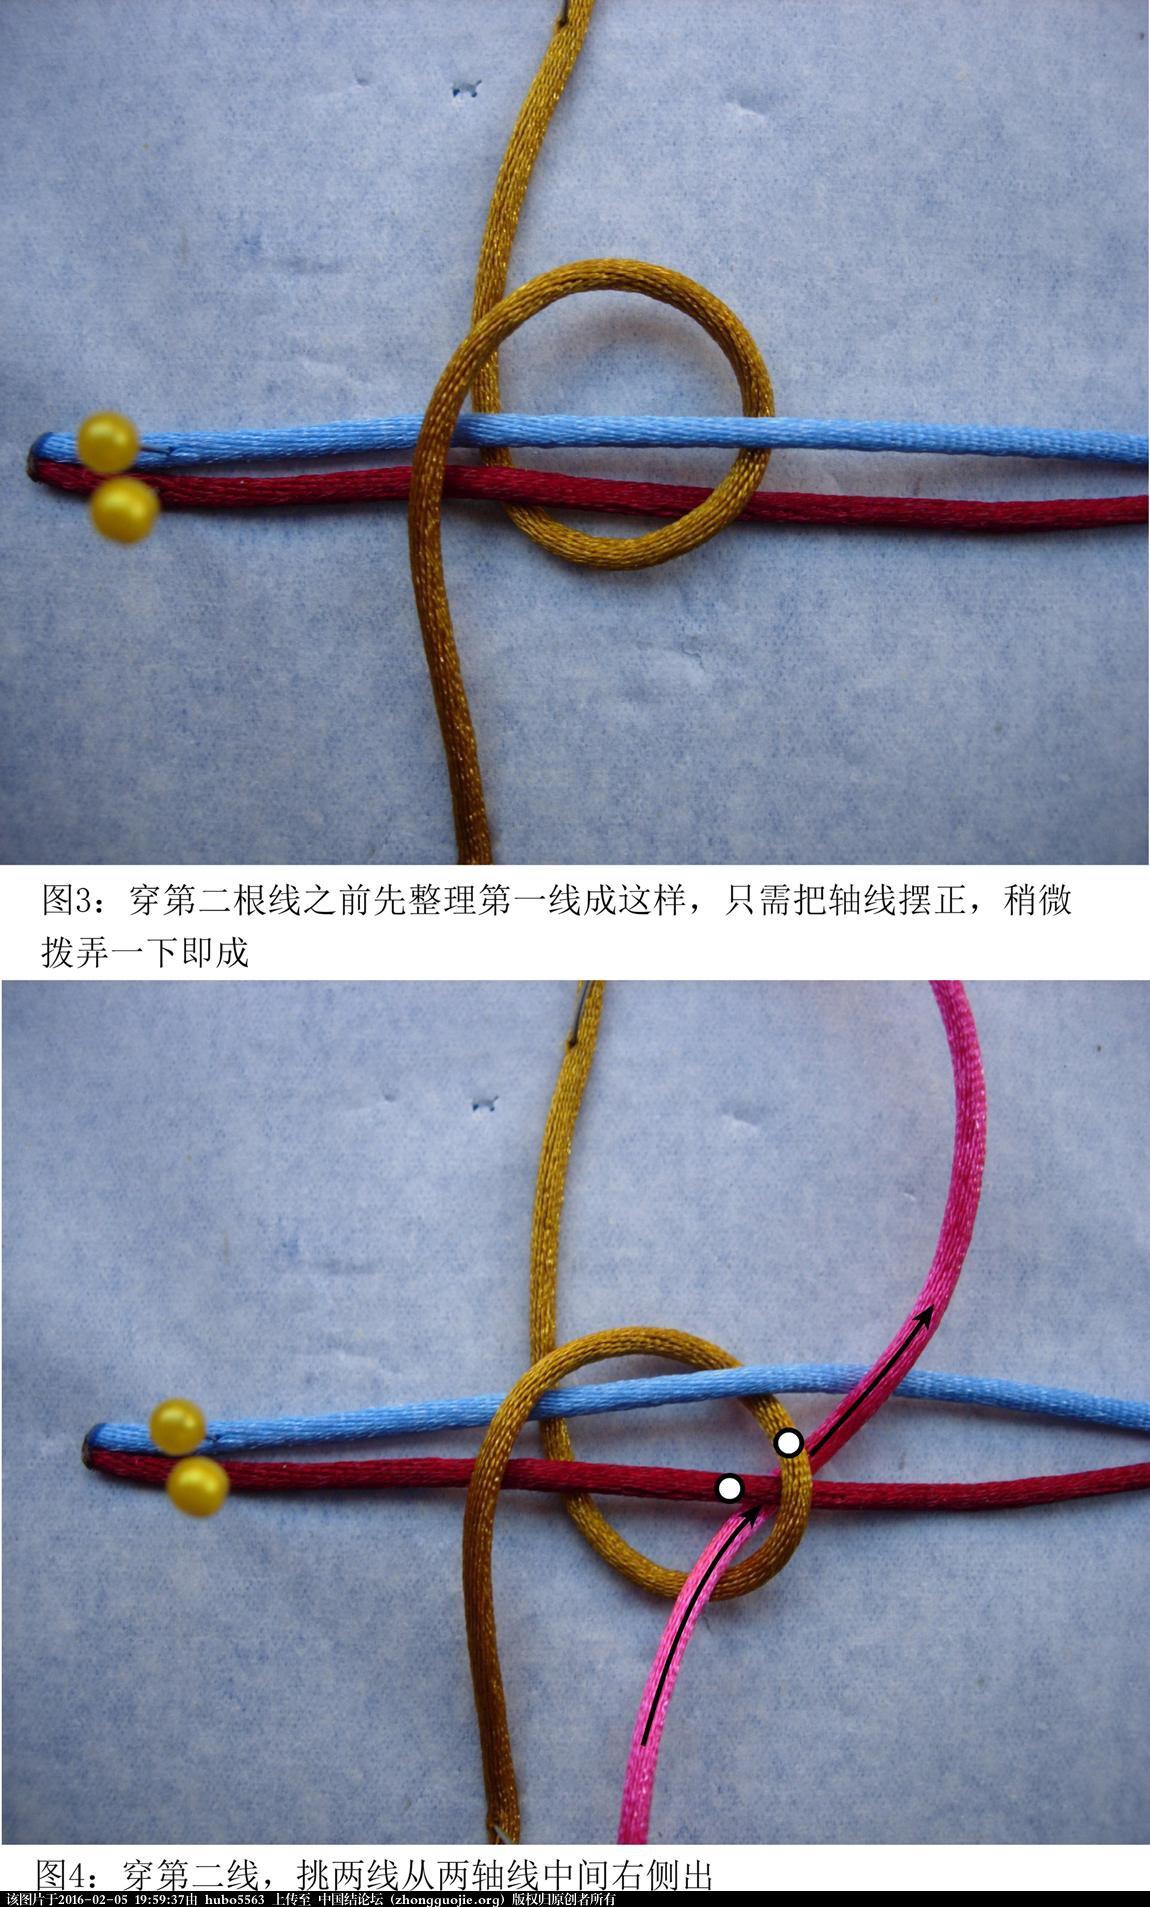 中国结论坛 徒手有轴小冰花结编法  冰花结(华瑶结)的教程与讨论区 195921jozlbqbhiobzmfq2